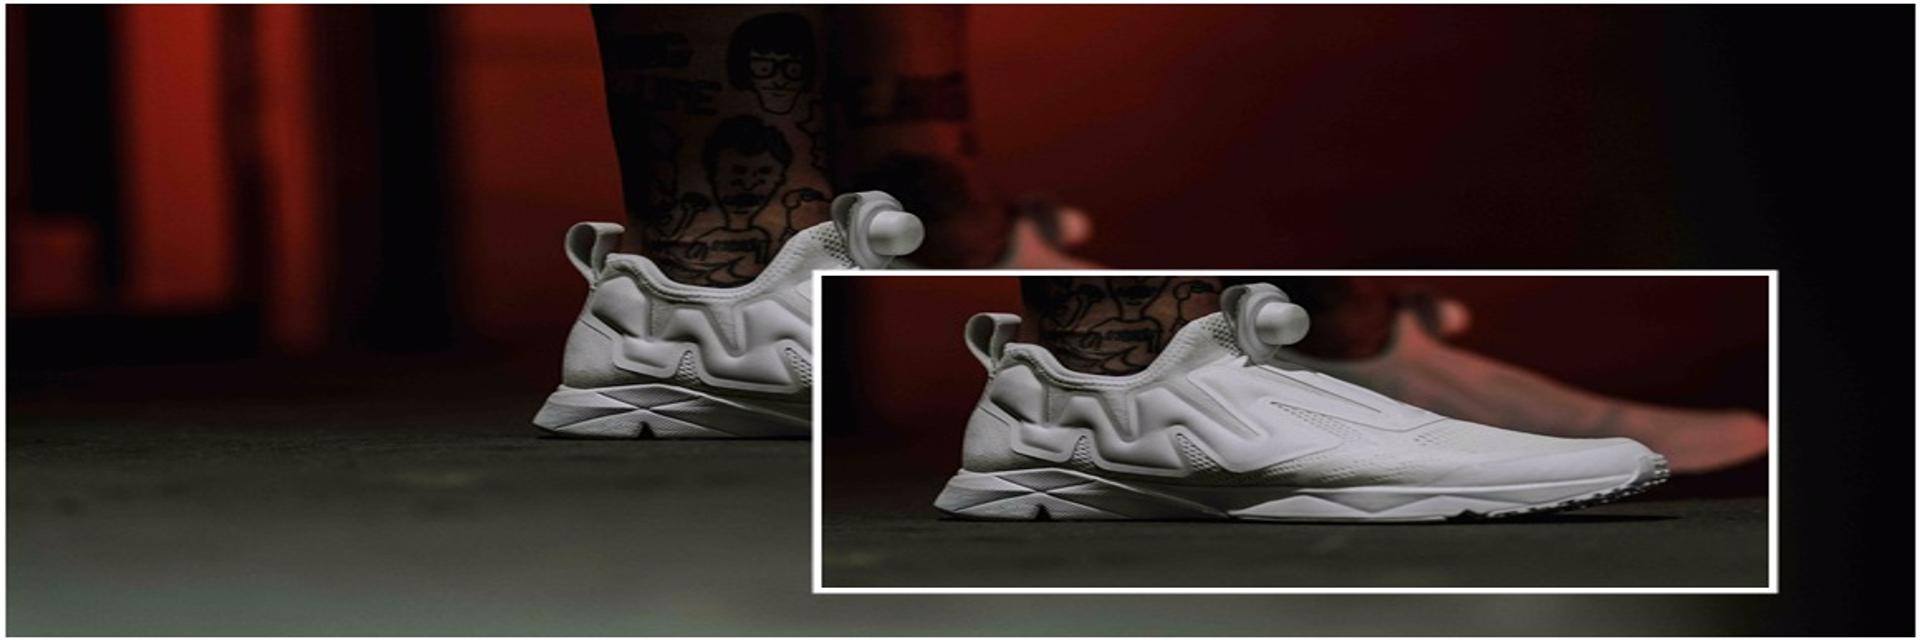 余文樂愛鞋即將販售!Reebok Pump Supreme Engine 一次兩色全公開